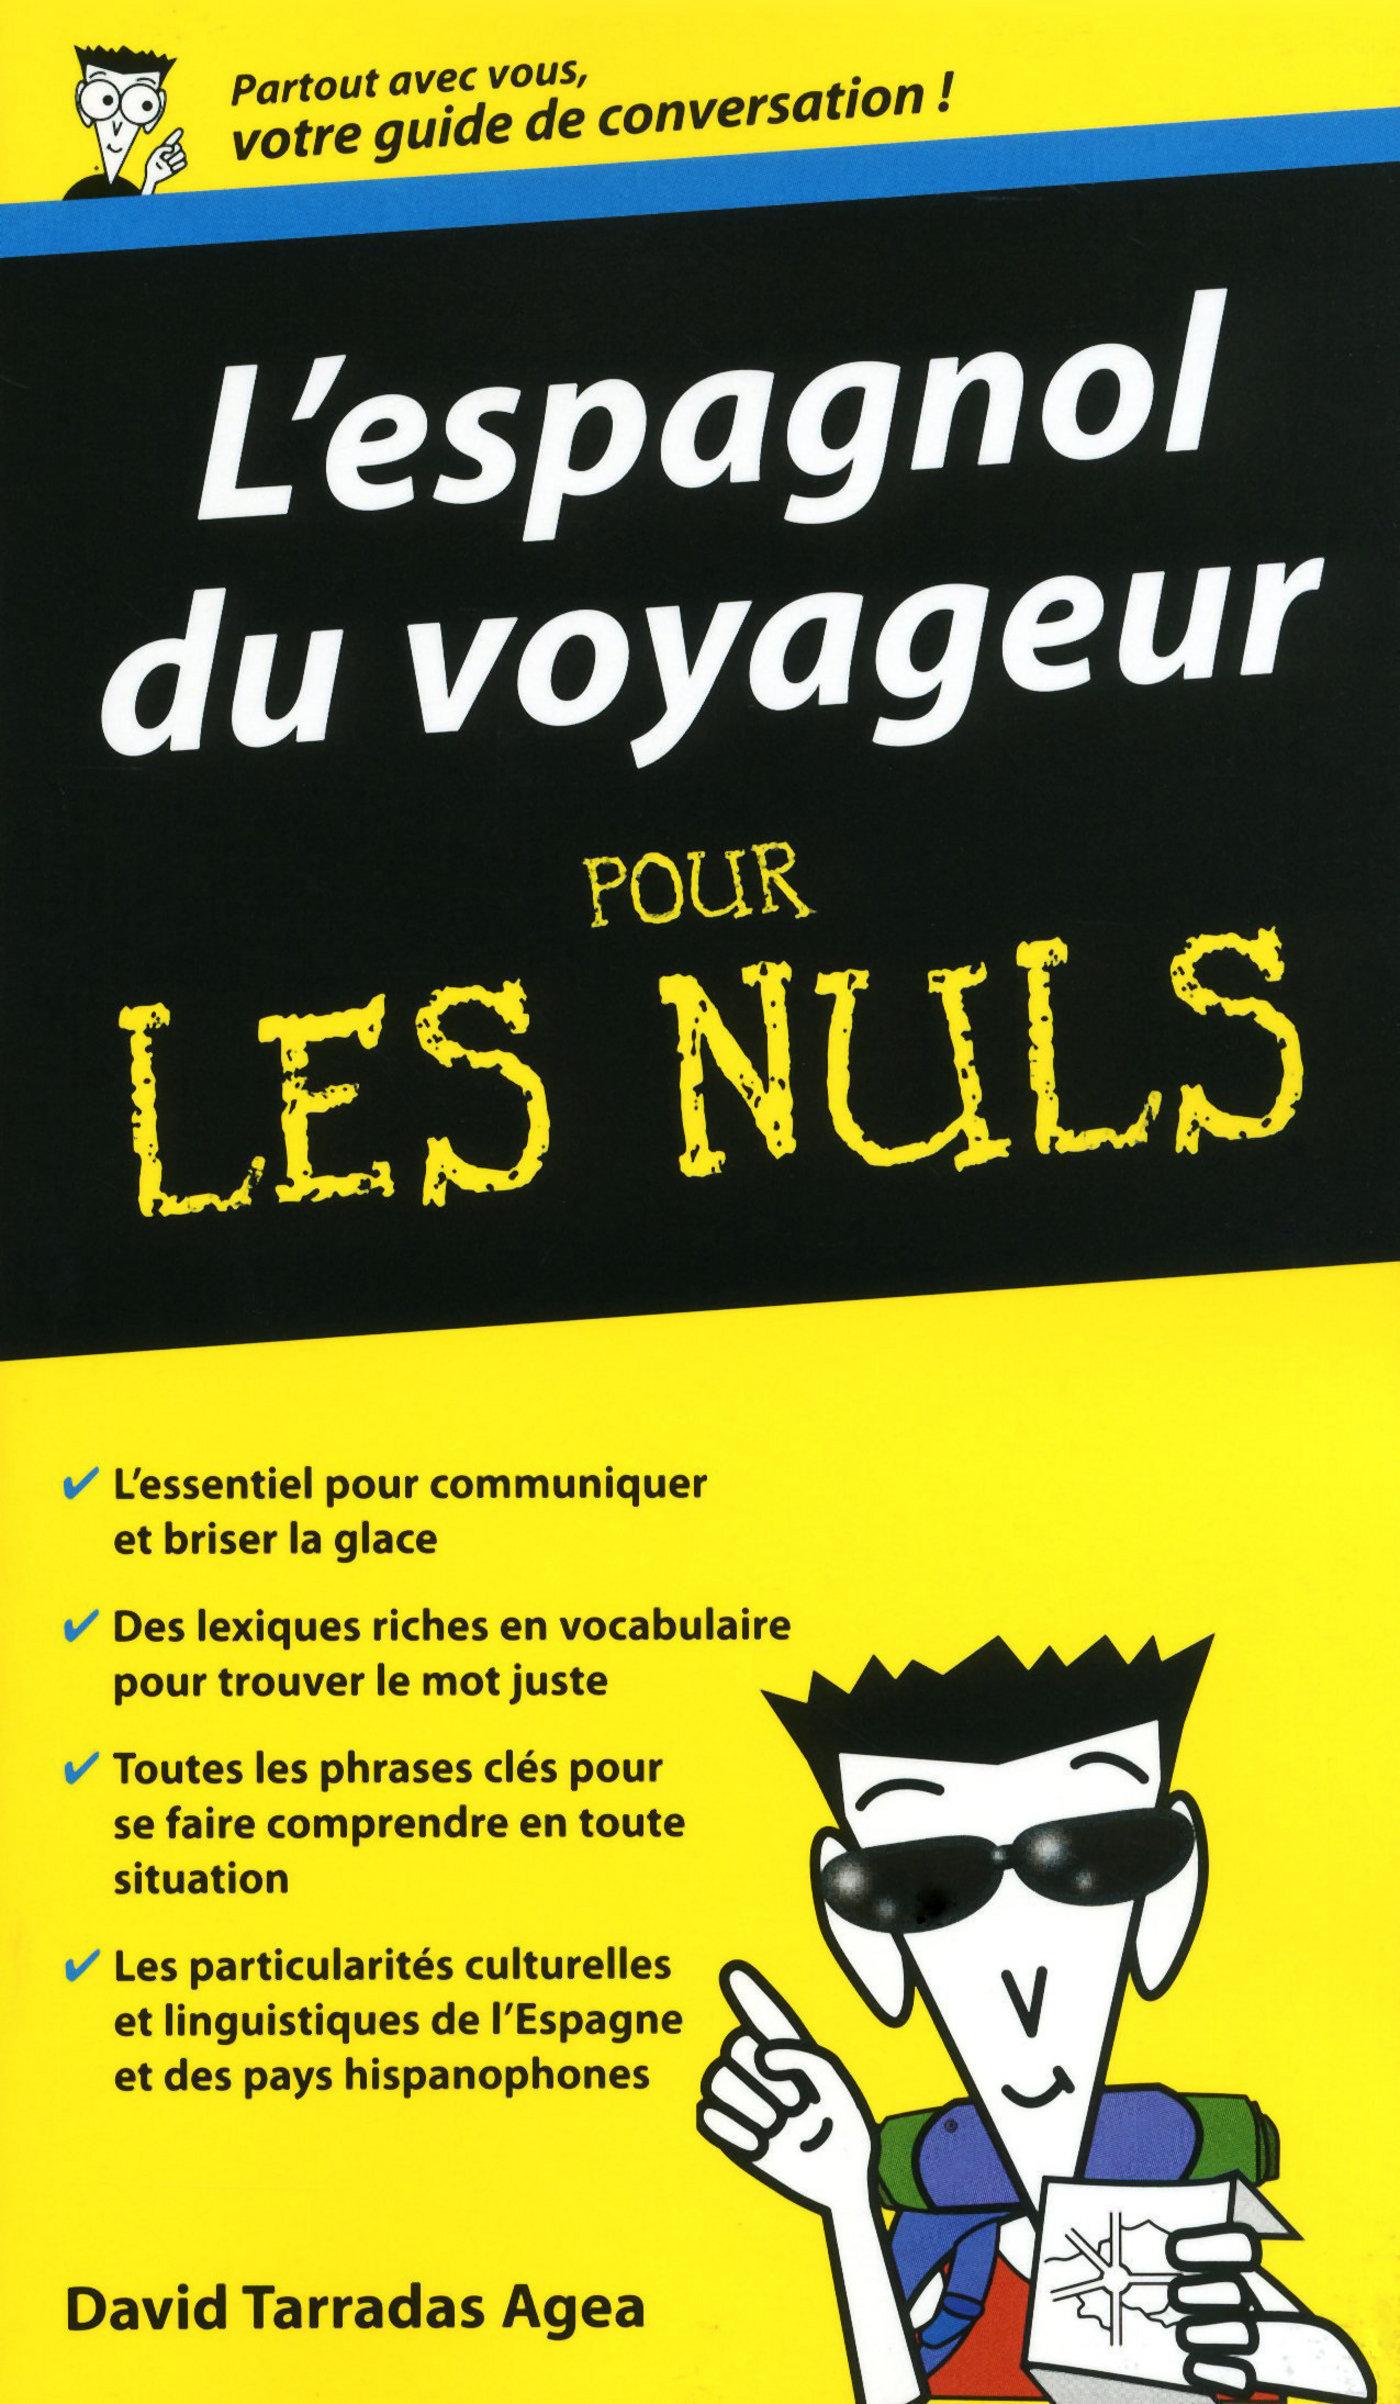 Espagnol du voyageur - Guide de conversation Pour les Nuls (ebook)